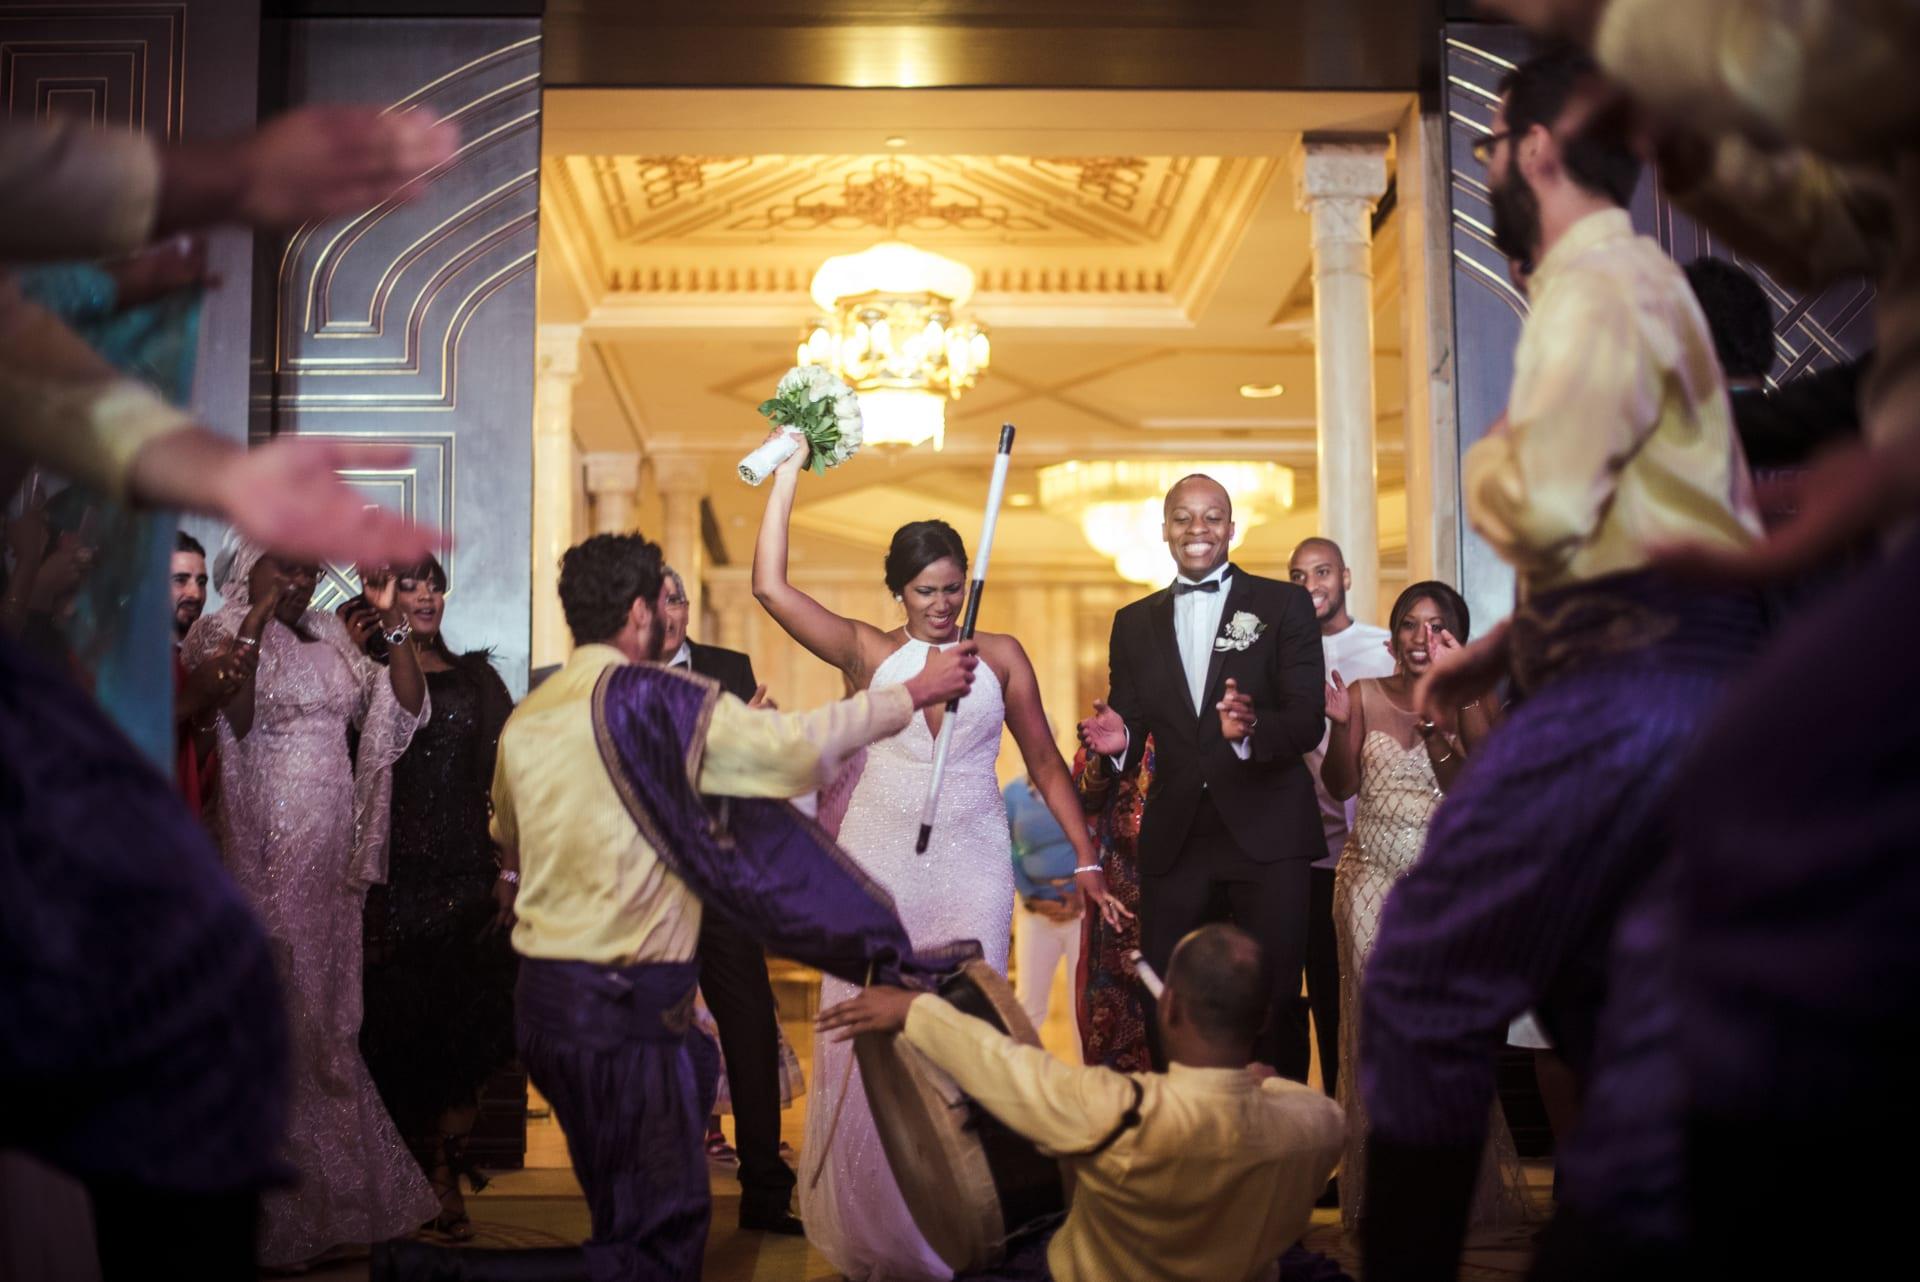 عندما يتغلب الحب على كل شيء..  إليك روائع الأعراس متعددة الثقافات